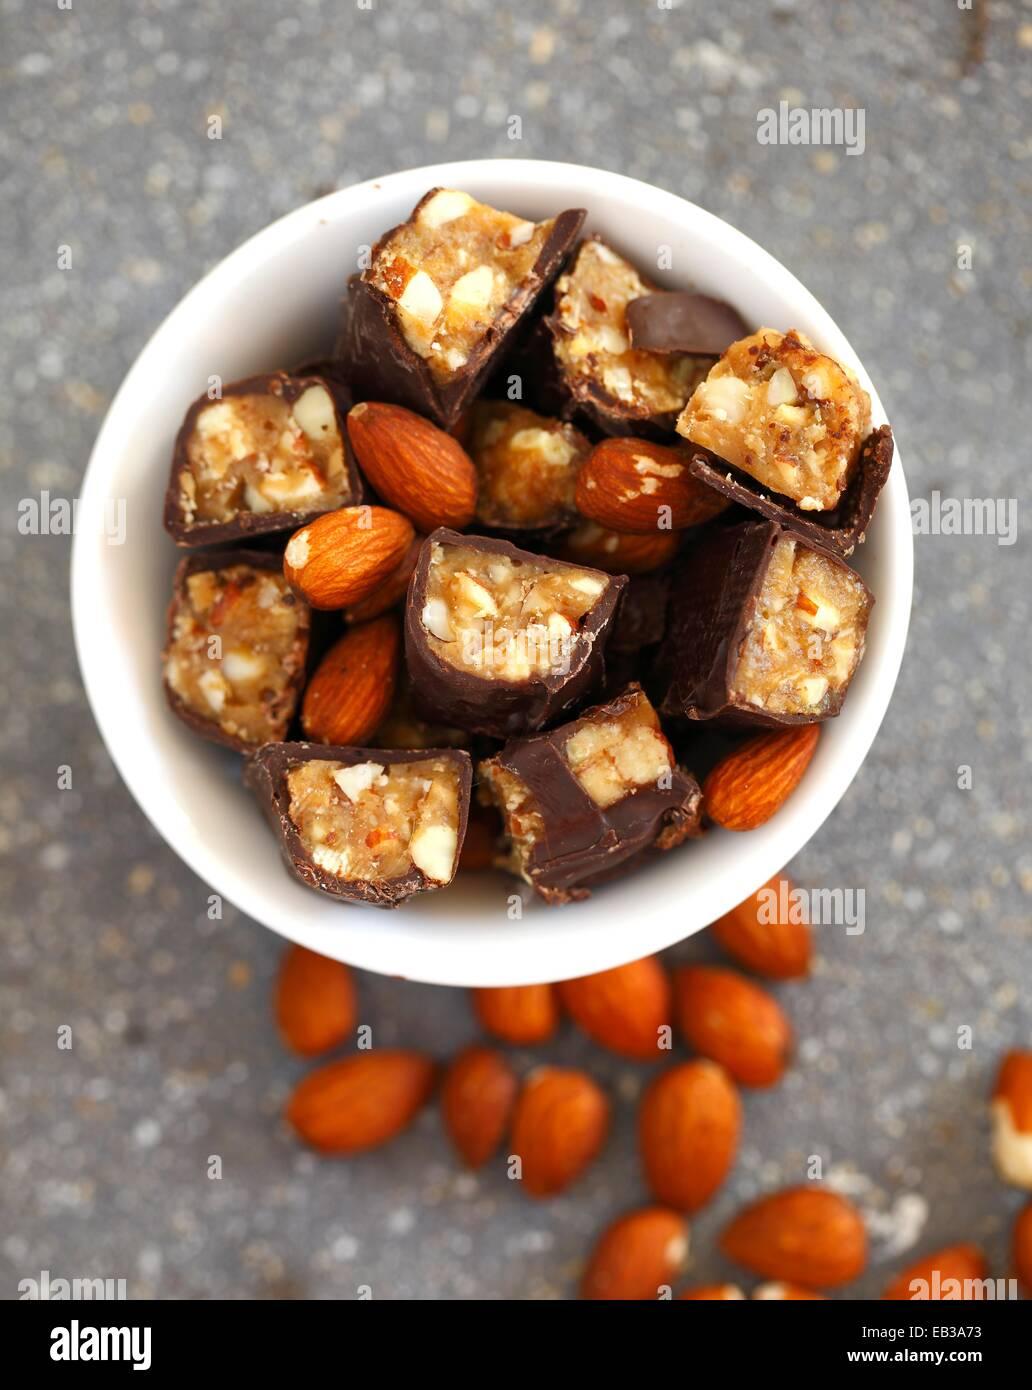 Friandises au chocolat coupé en morceaux mélangés avec des amandes entières dans Bol en porcelaine Photo Stock